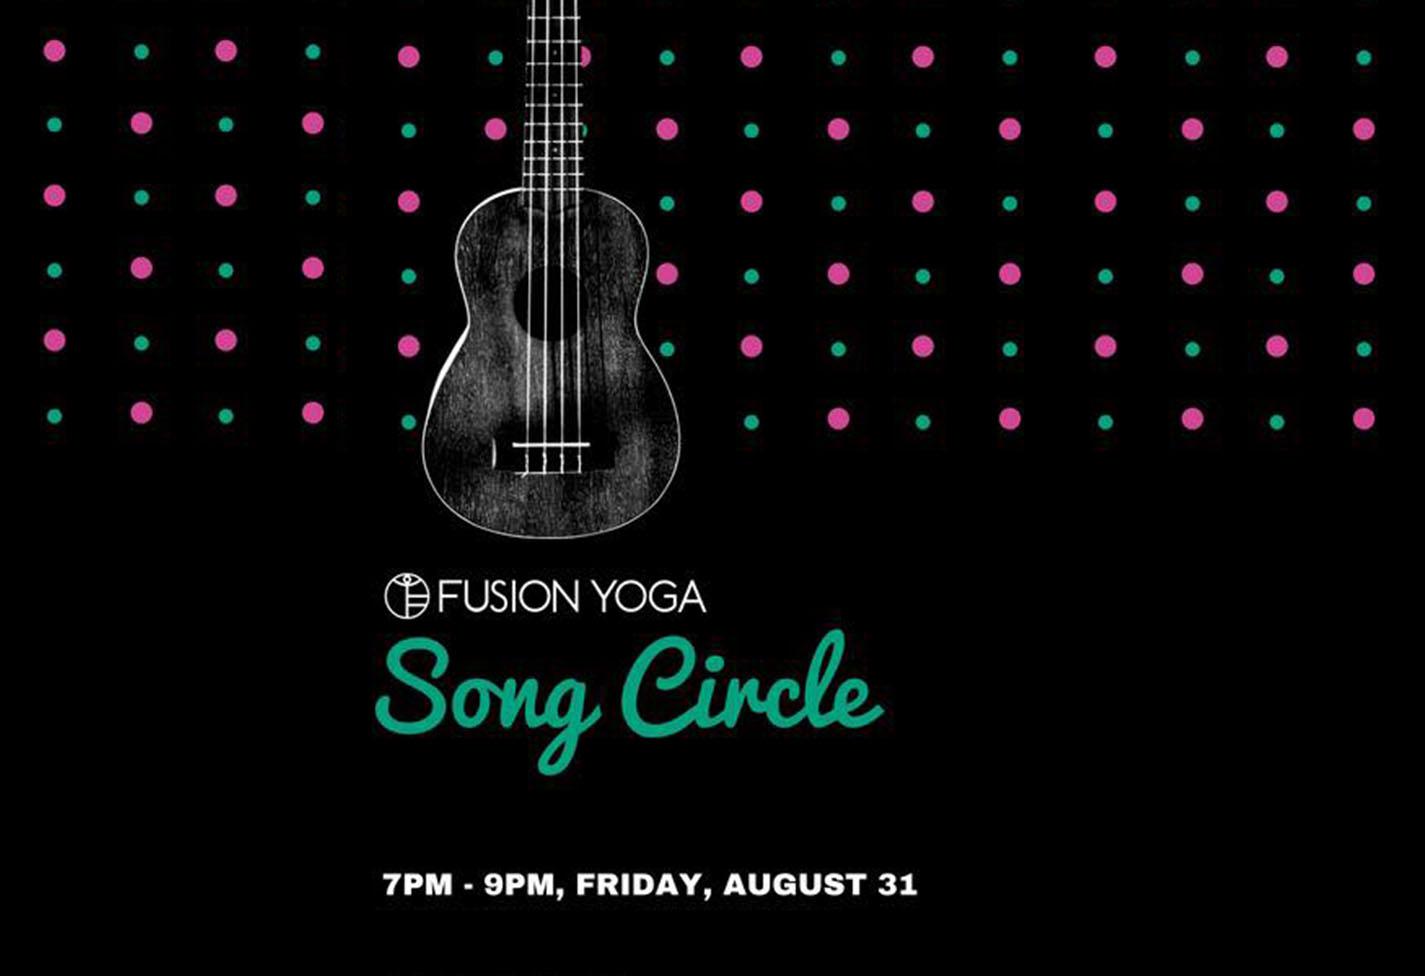 song circle.jpg